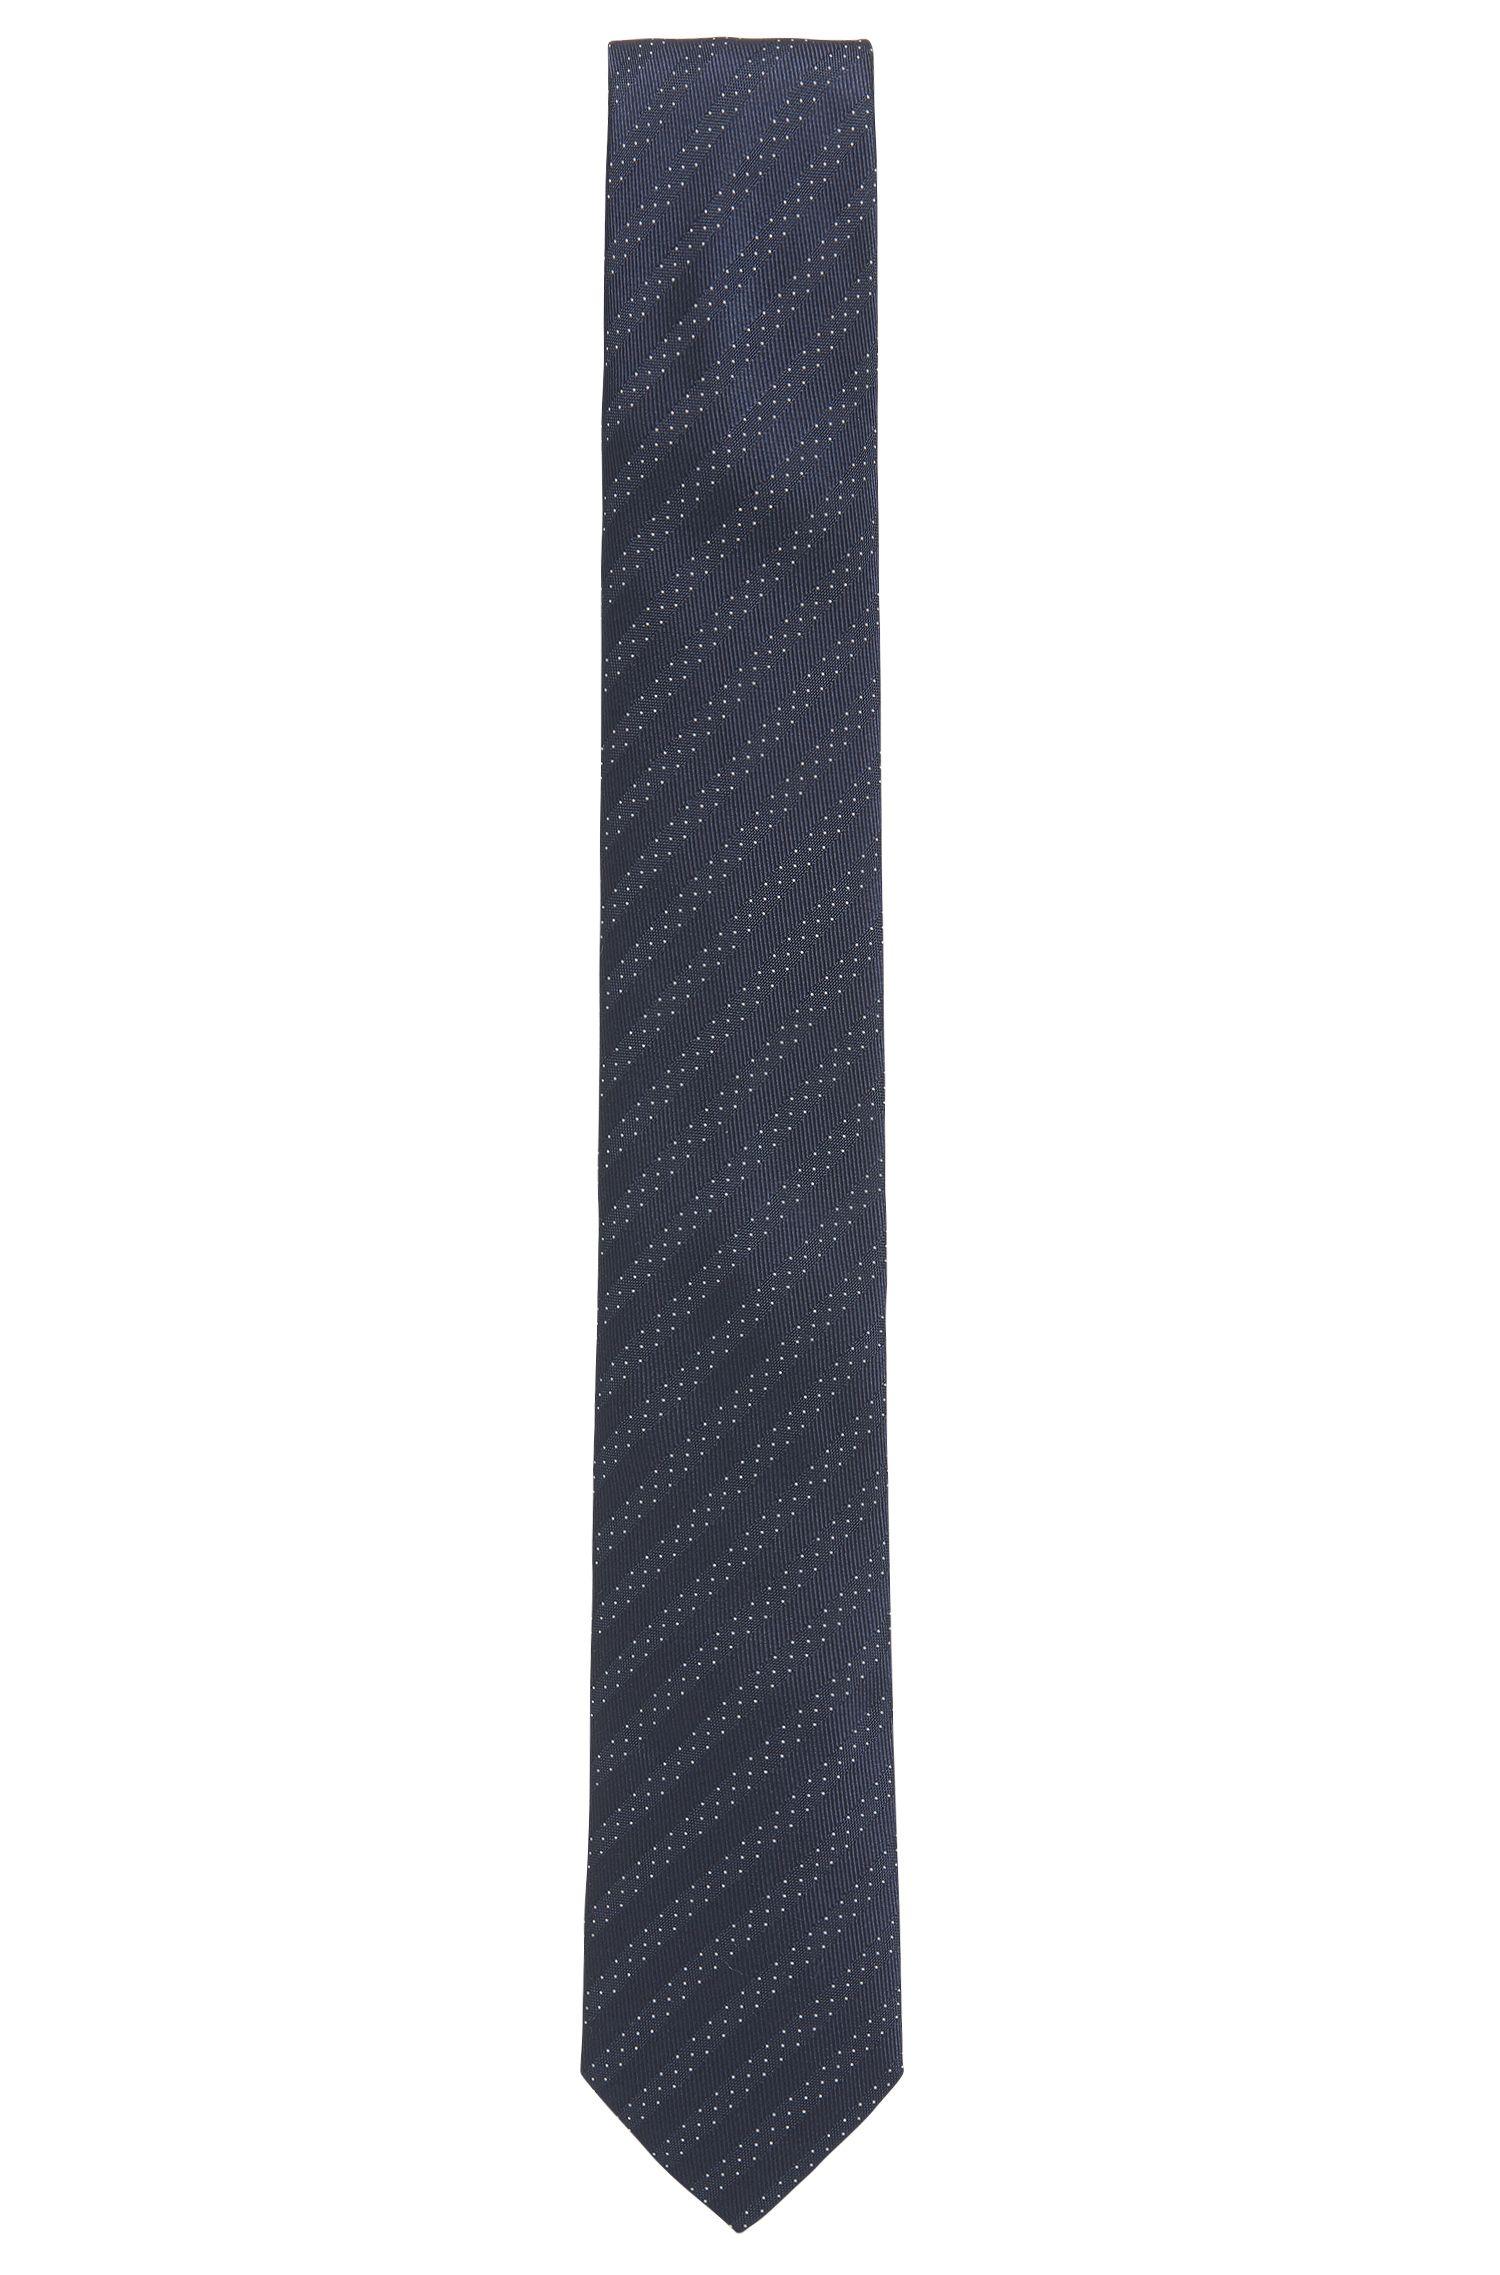 Cravate jacquard en soie à micro-motif contrastant